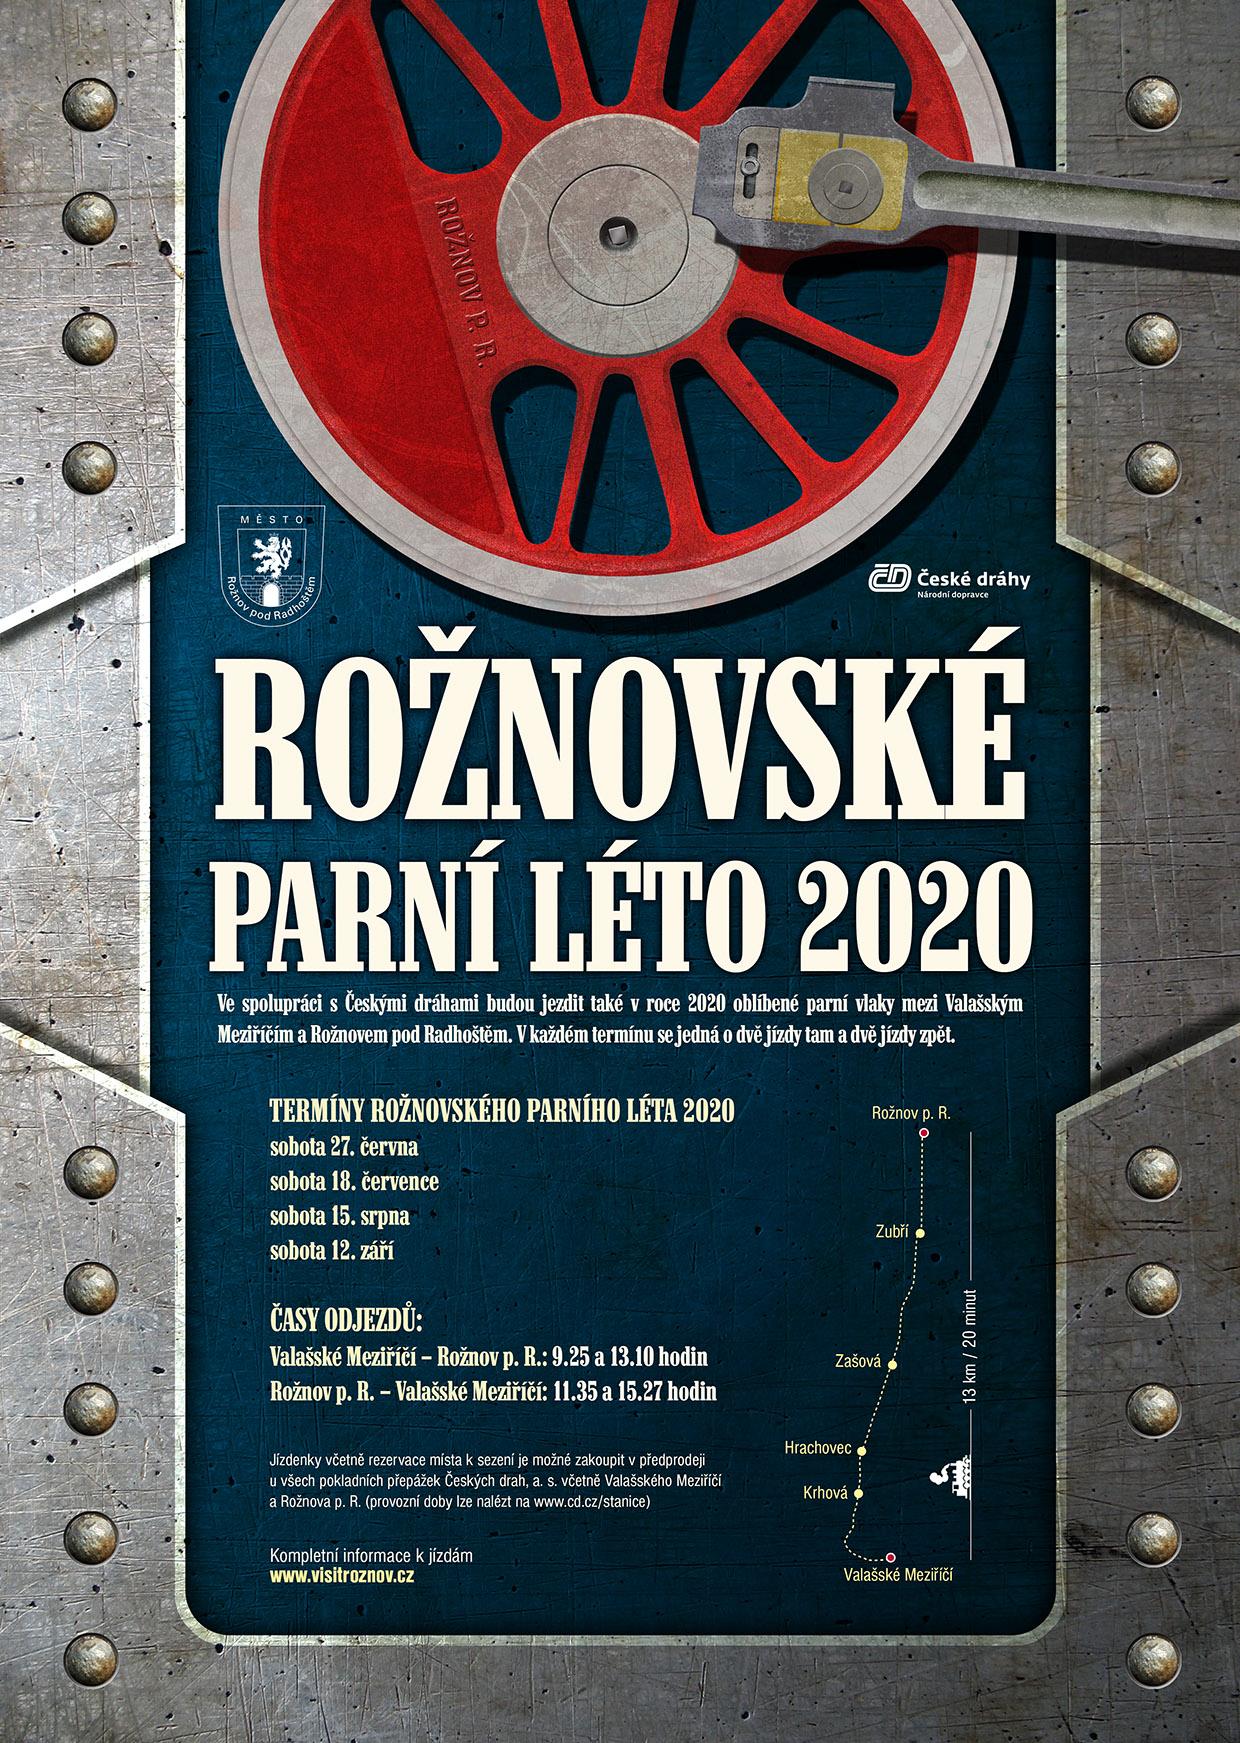 parni-leto_2020_A3_plakat